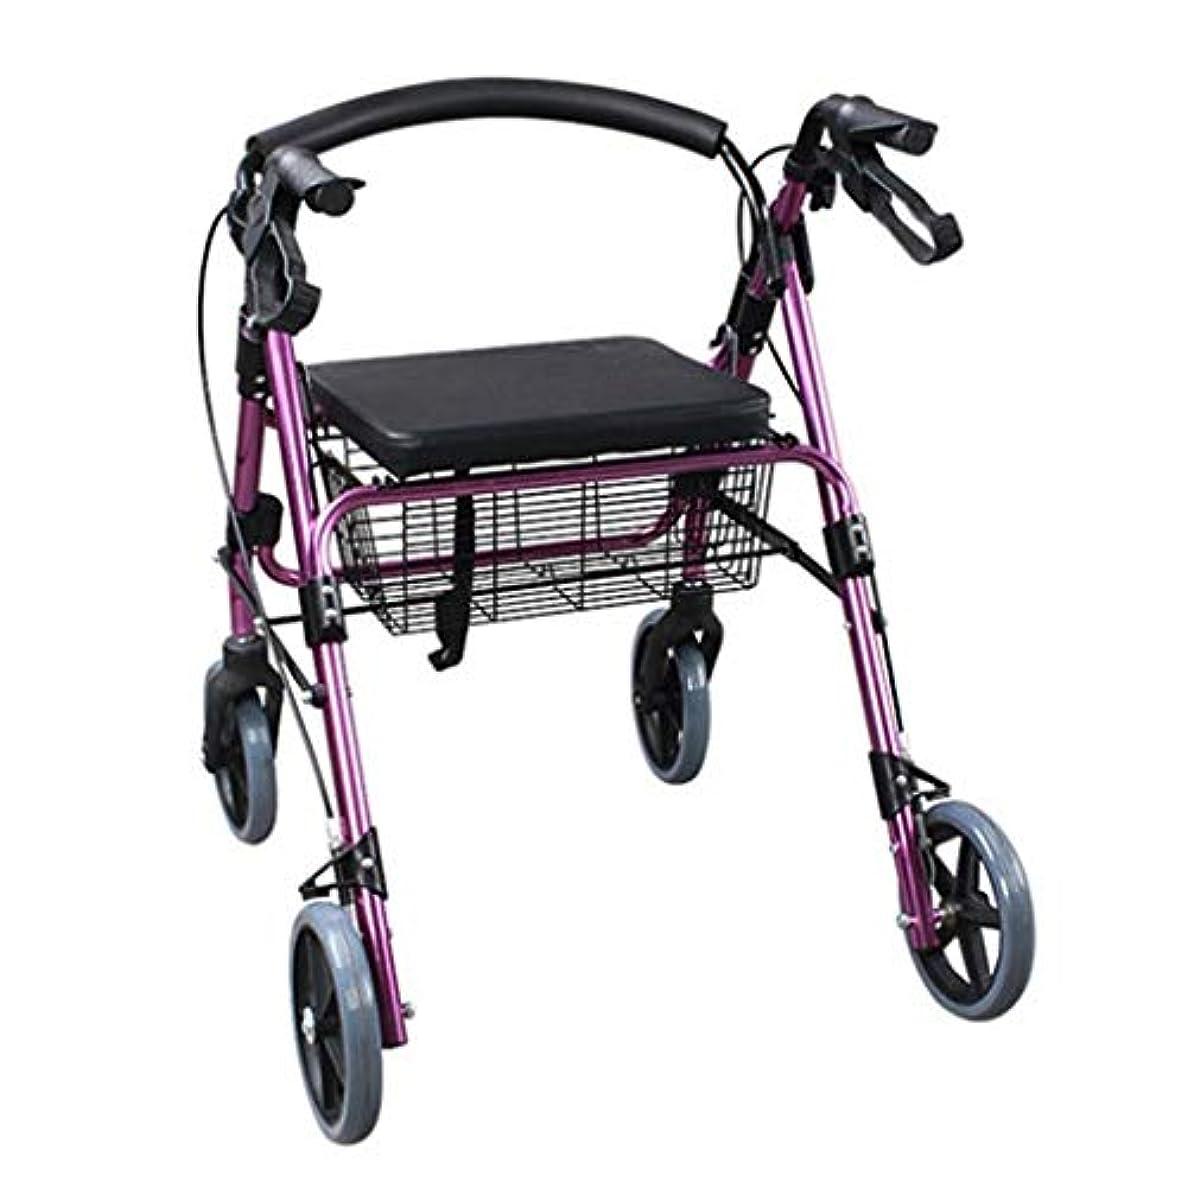 ラベ終わったエンディング折り畳み式の携帯用歩行器の補助歩行者の4つの車輪のショッピングカートのハンドブレーキが付いている頑丈な歩行者